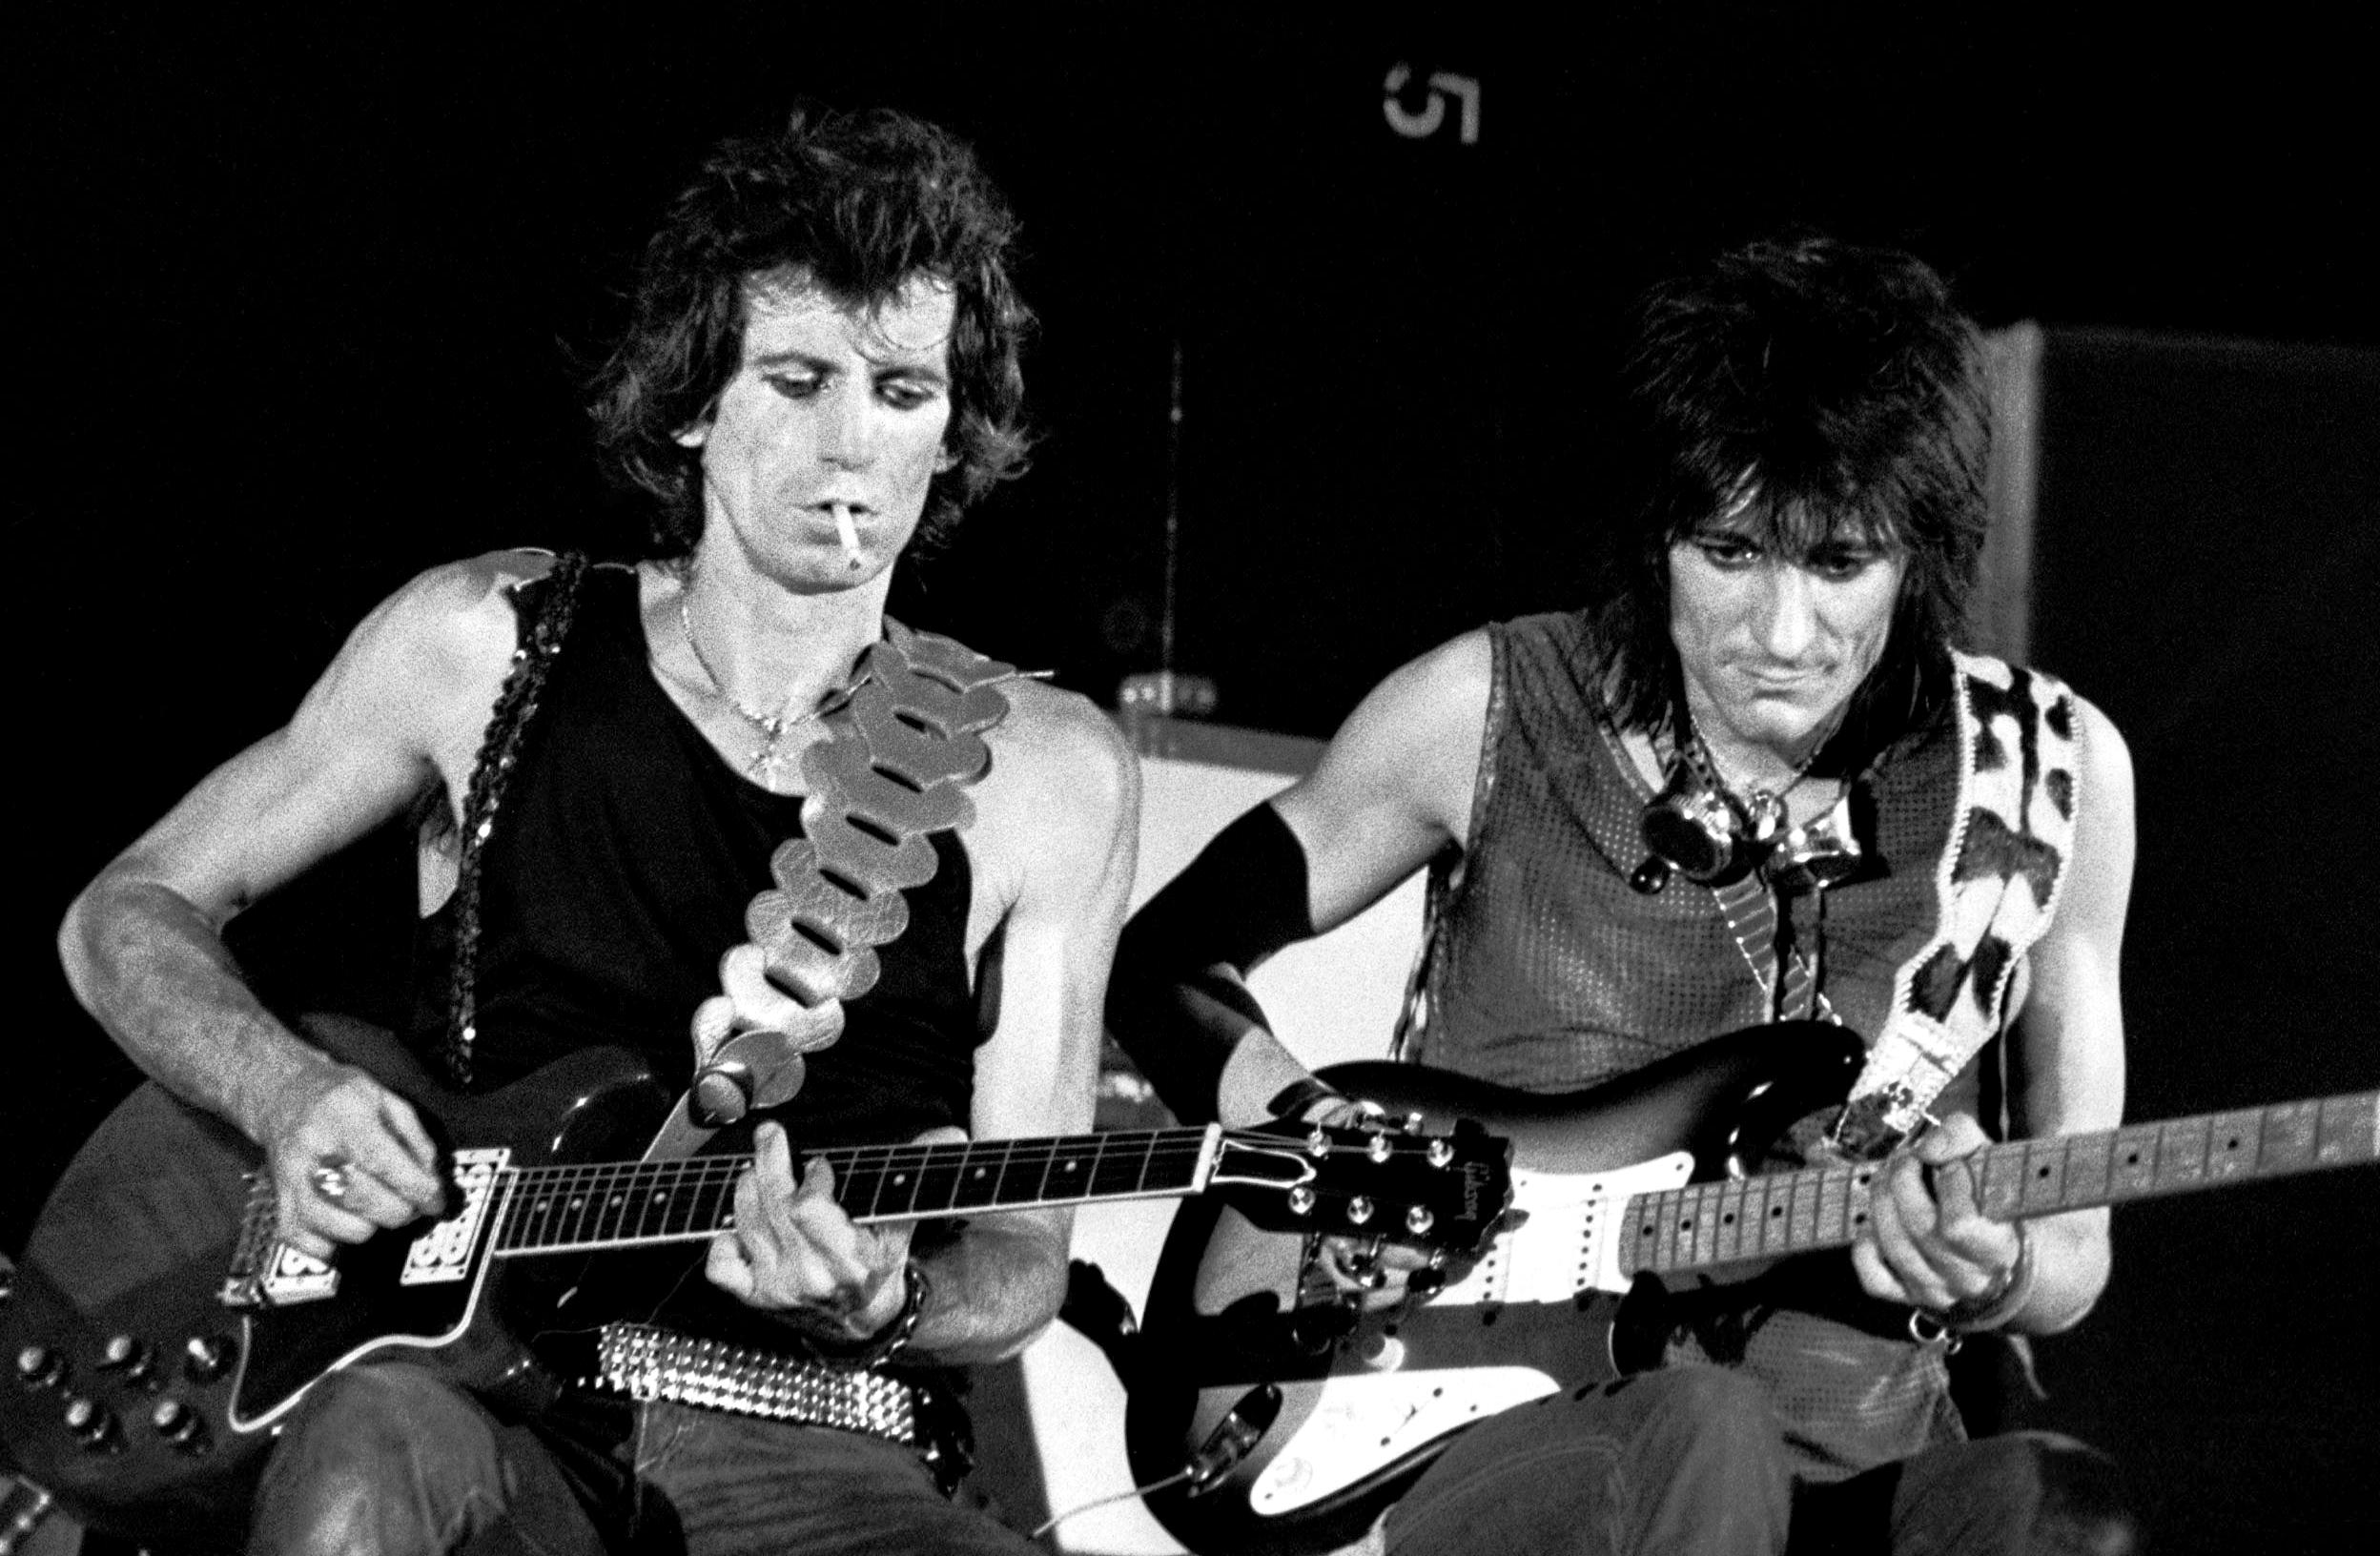 Richards y Wood en un concierto de los Stones en Turín, Italia, 1982.